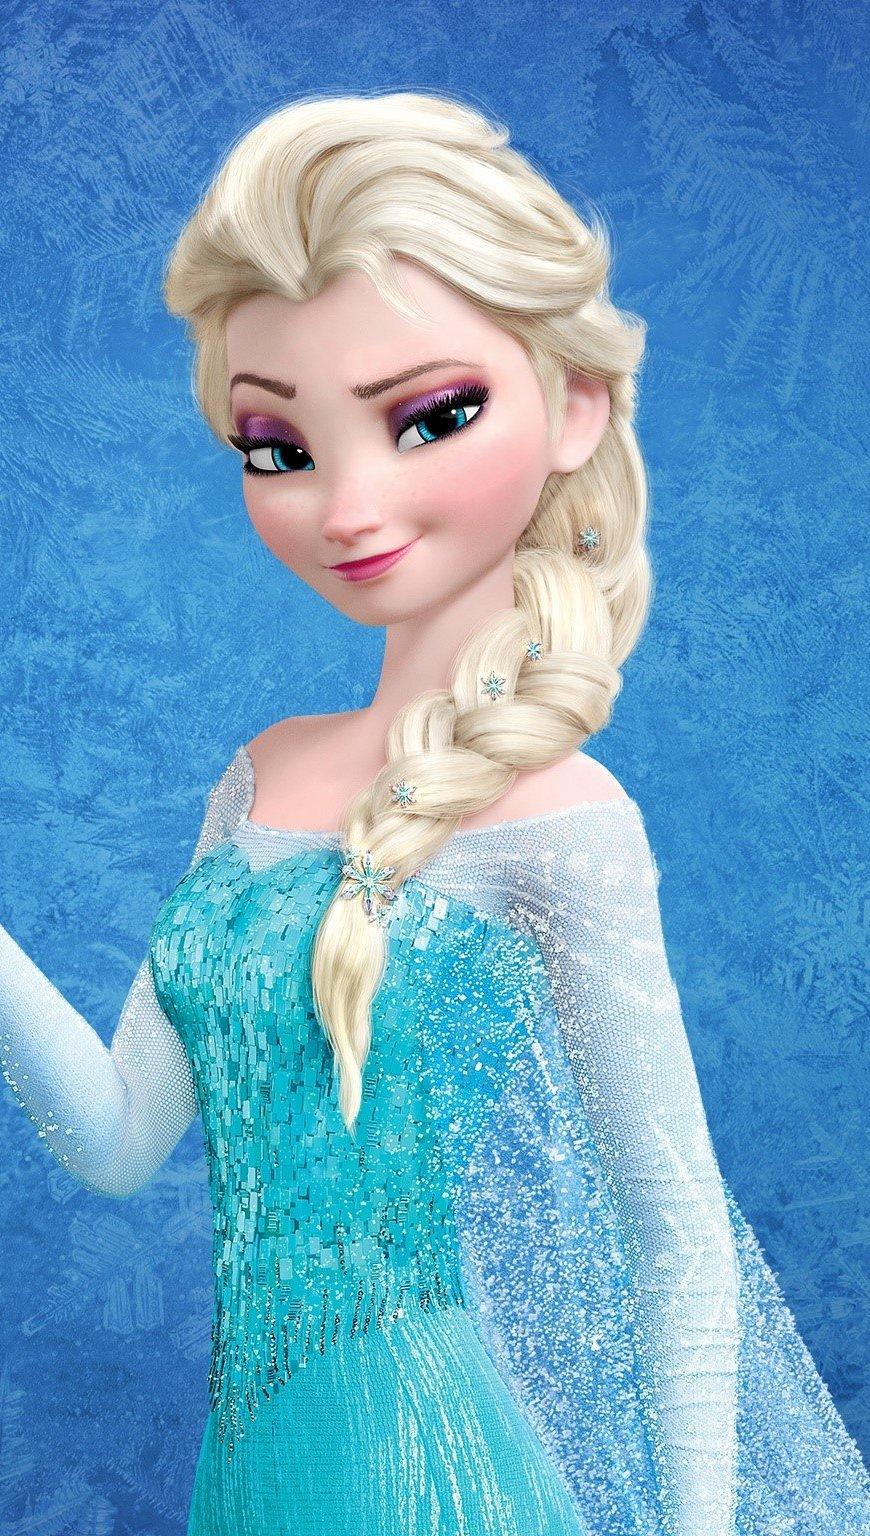 Fondos de pantalla Reina de hielo Elsa en Frozen Vertical